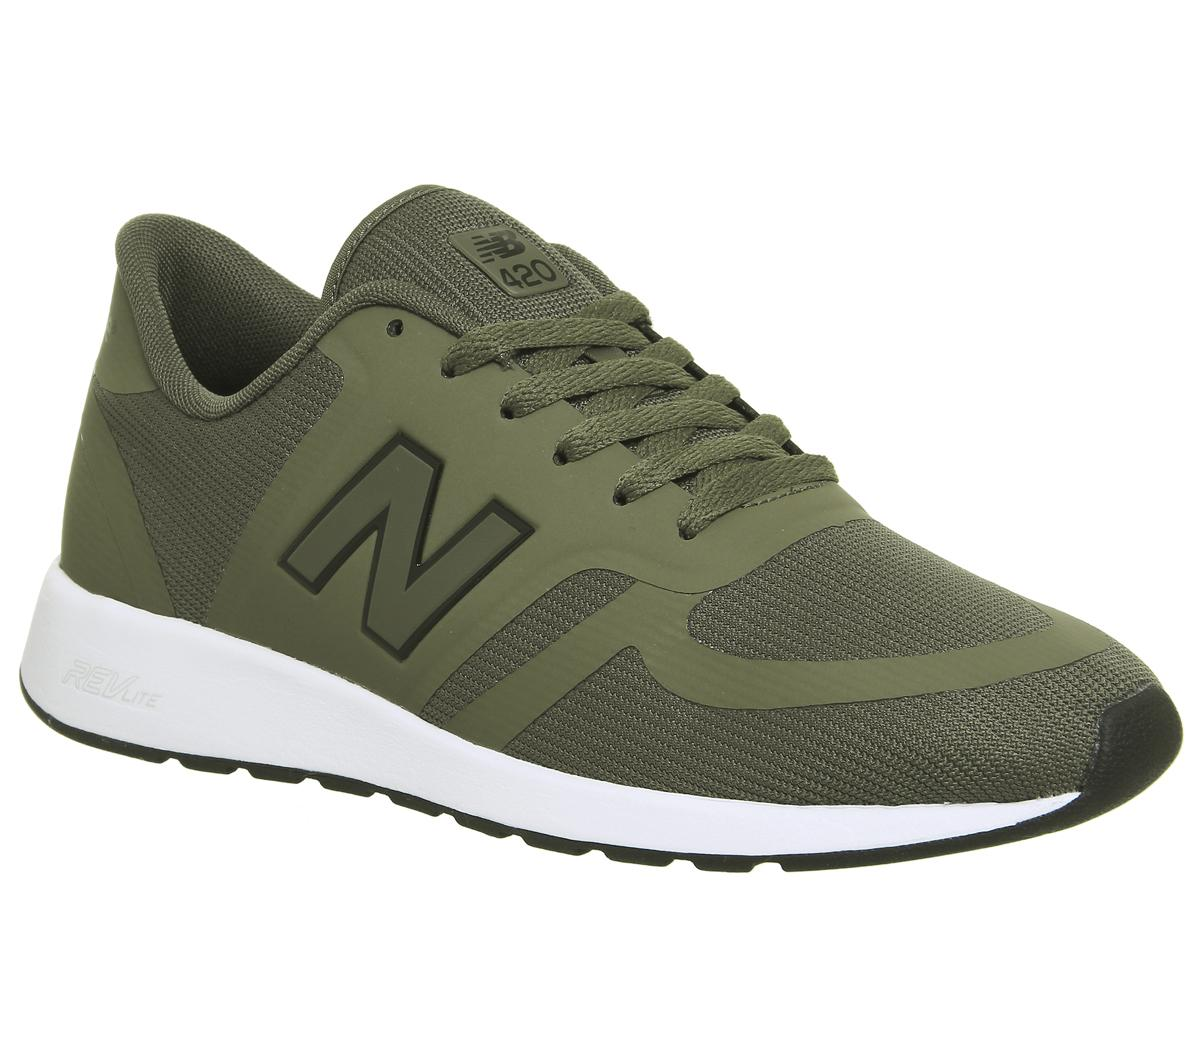 New Balance 420 Trainers Khaki Unisex Sports